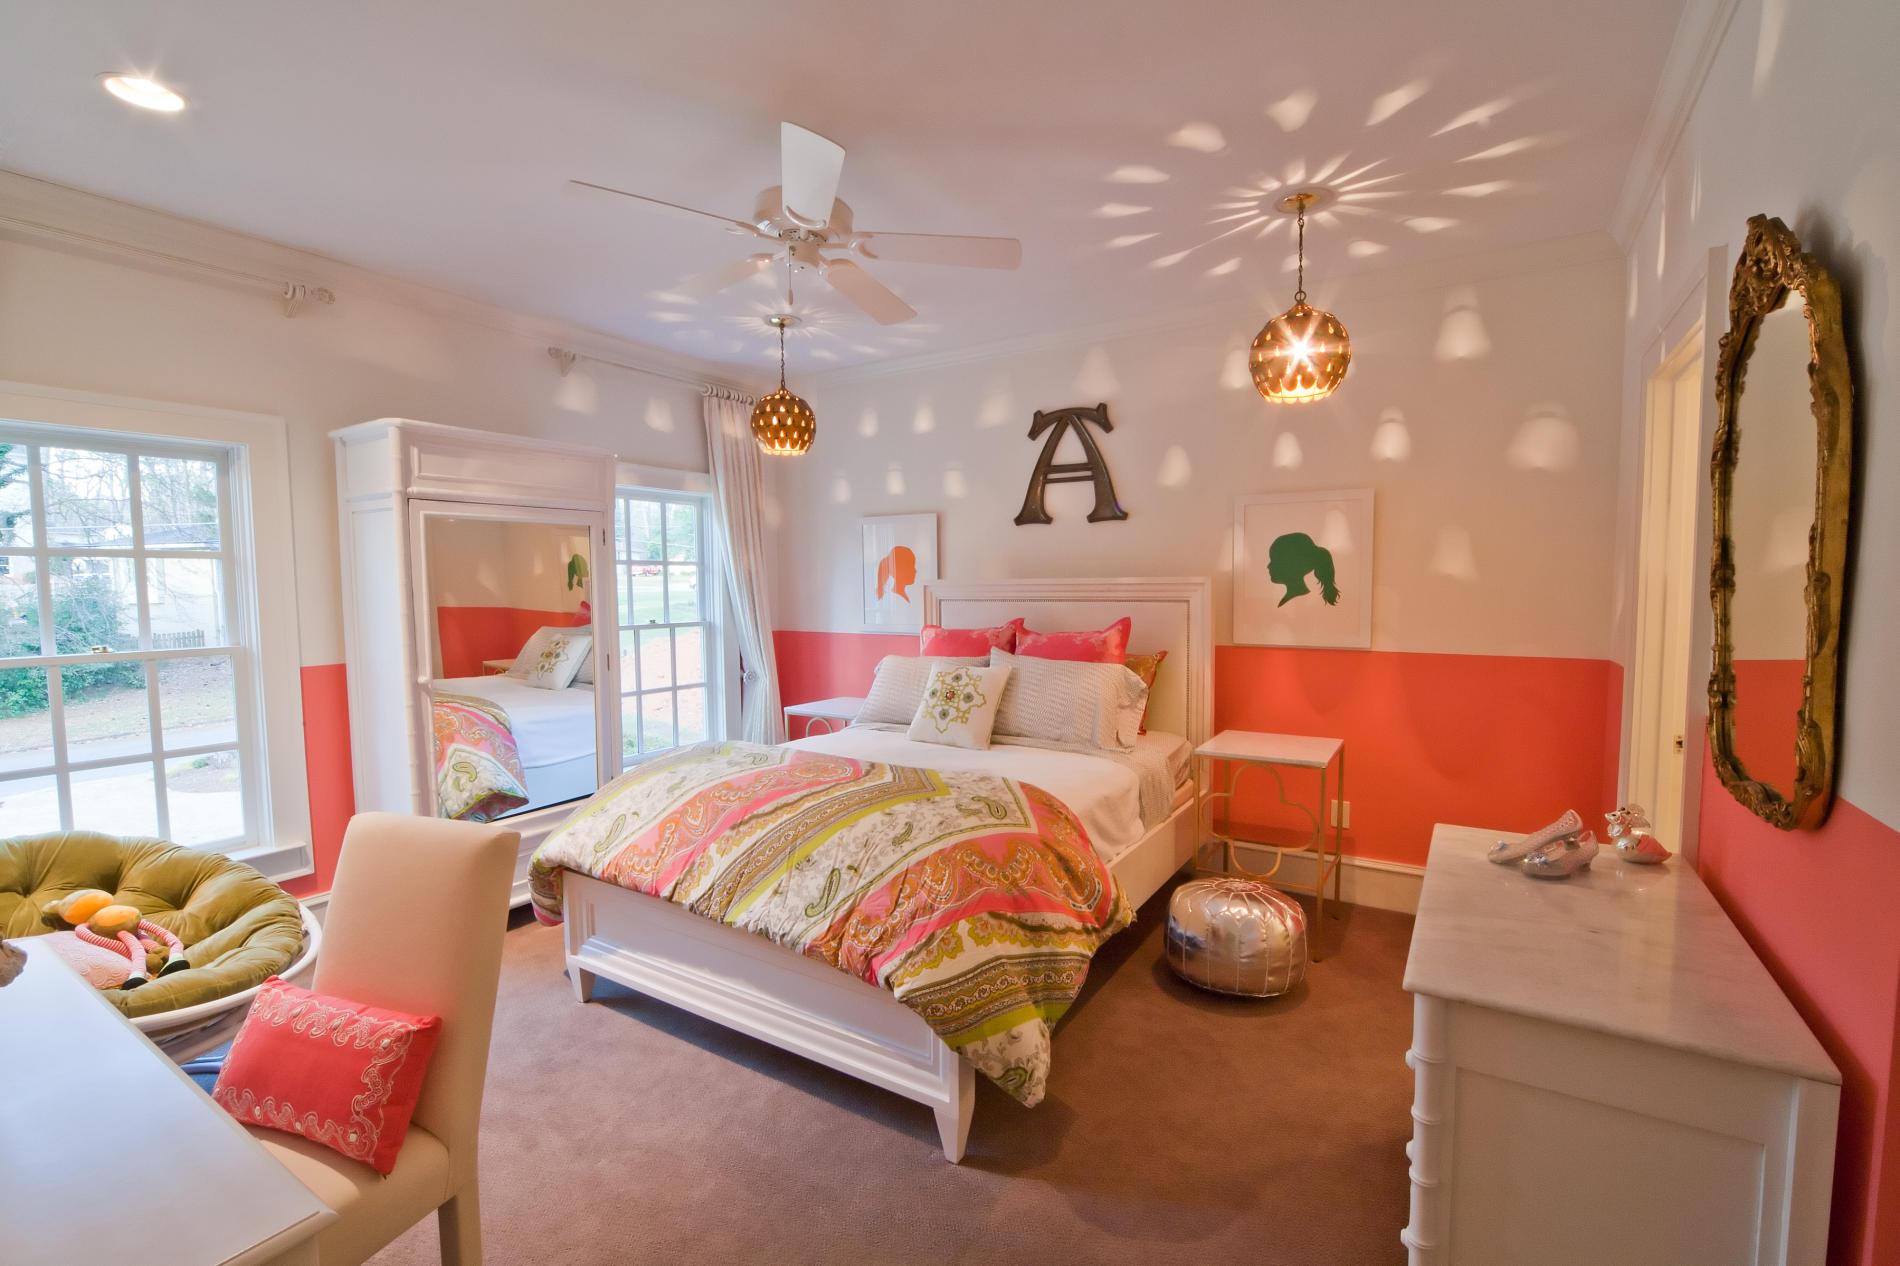 luxury-herkesin-yapabilecegi-yatak-odasi-dekorasyon-fikirleri-3 Herkesin Yapabileceği Yatak Odası Dekorasyon Fikirleri